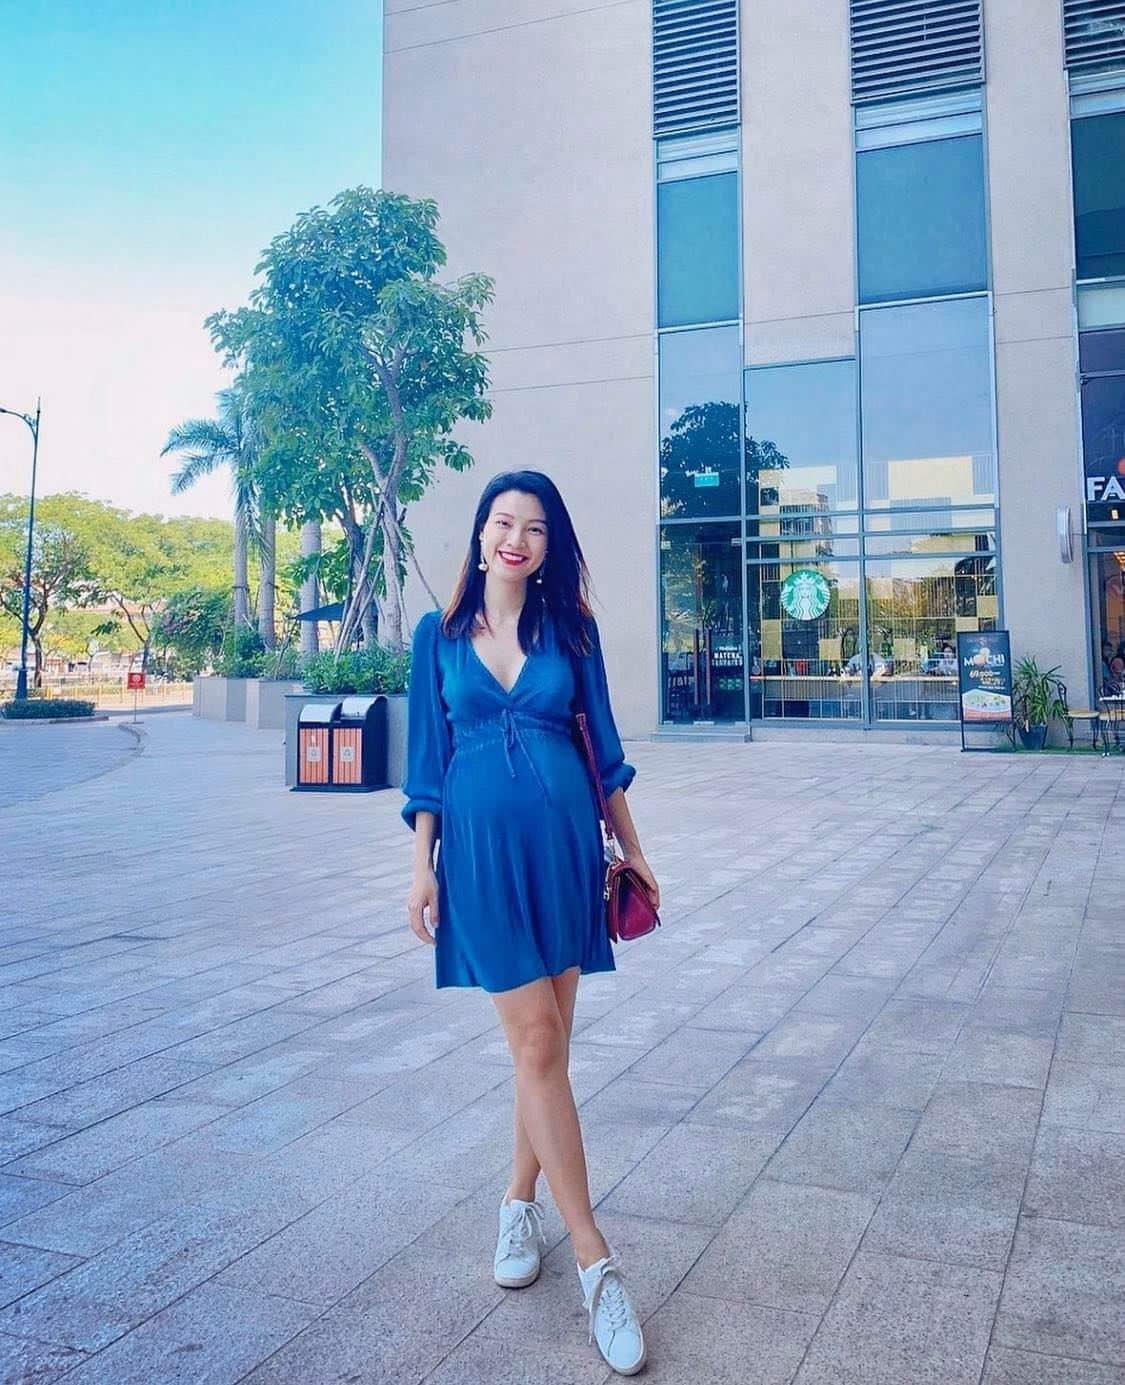 Bảo Thanh hiếm hoi khỏe cận cảnh vóc dáng, nhìn combo váy đầm và giày dép đúng chuẩn mẹ bầu - 4